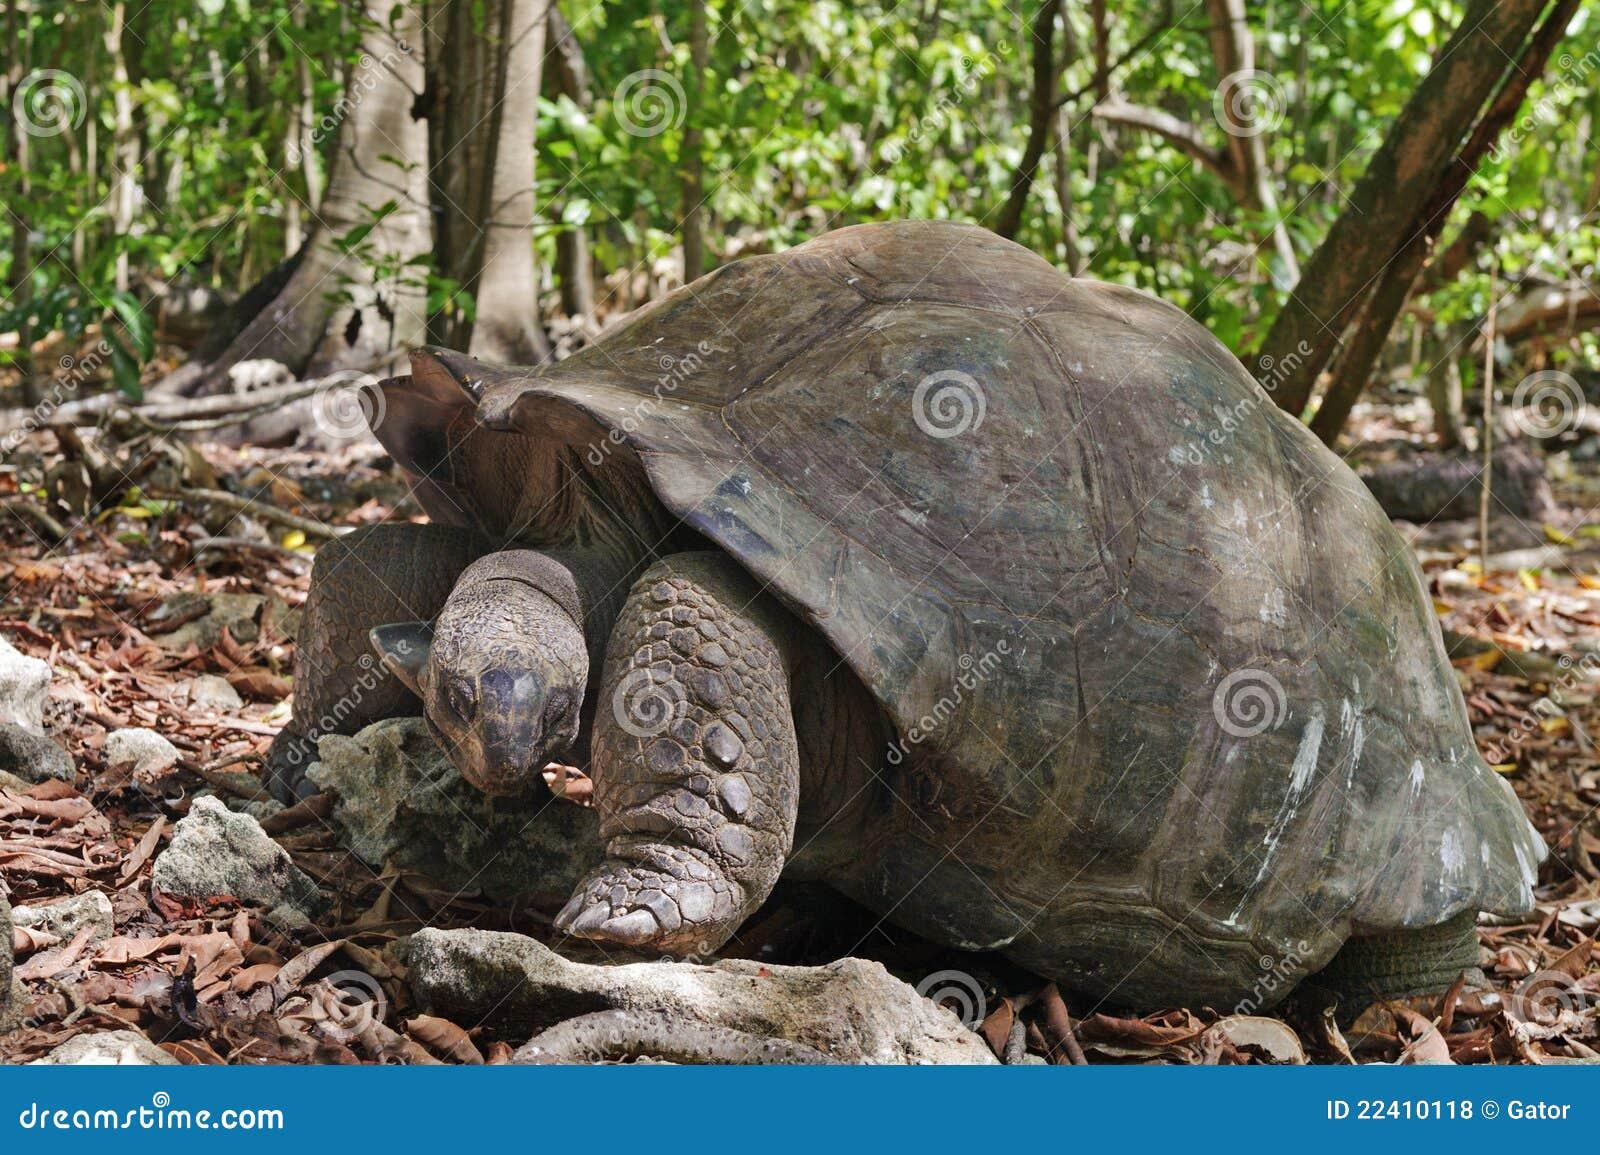 巨型塞舌尔群岛草龟